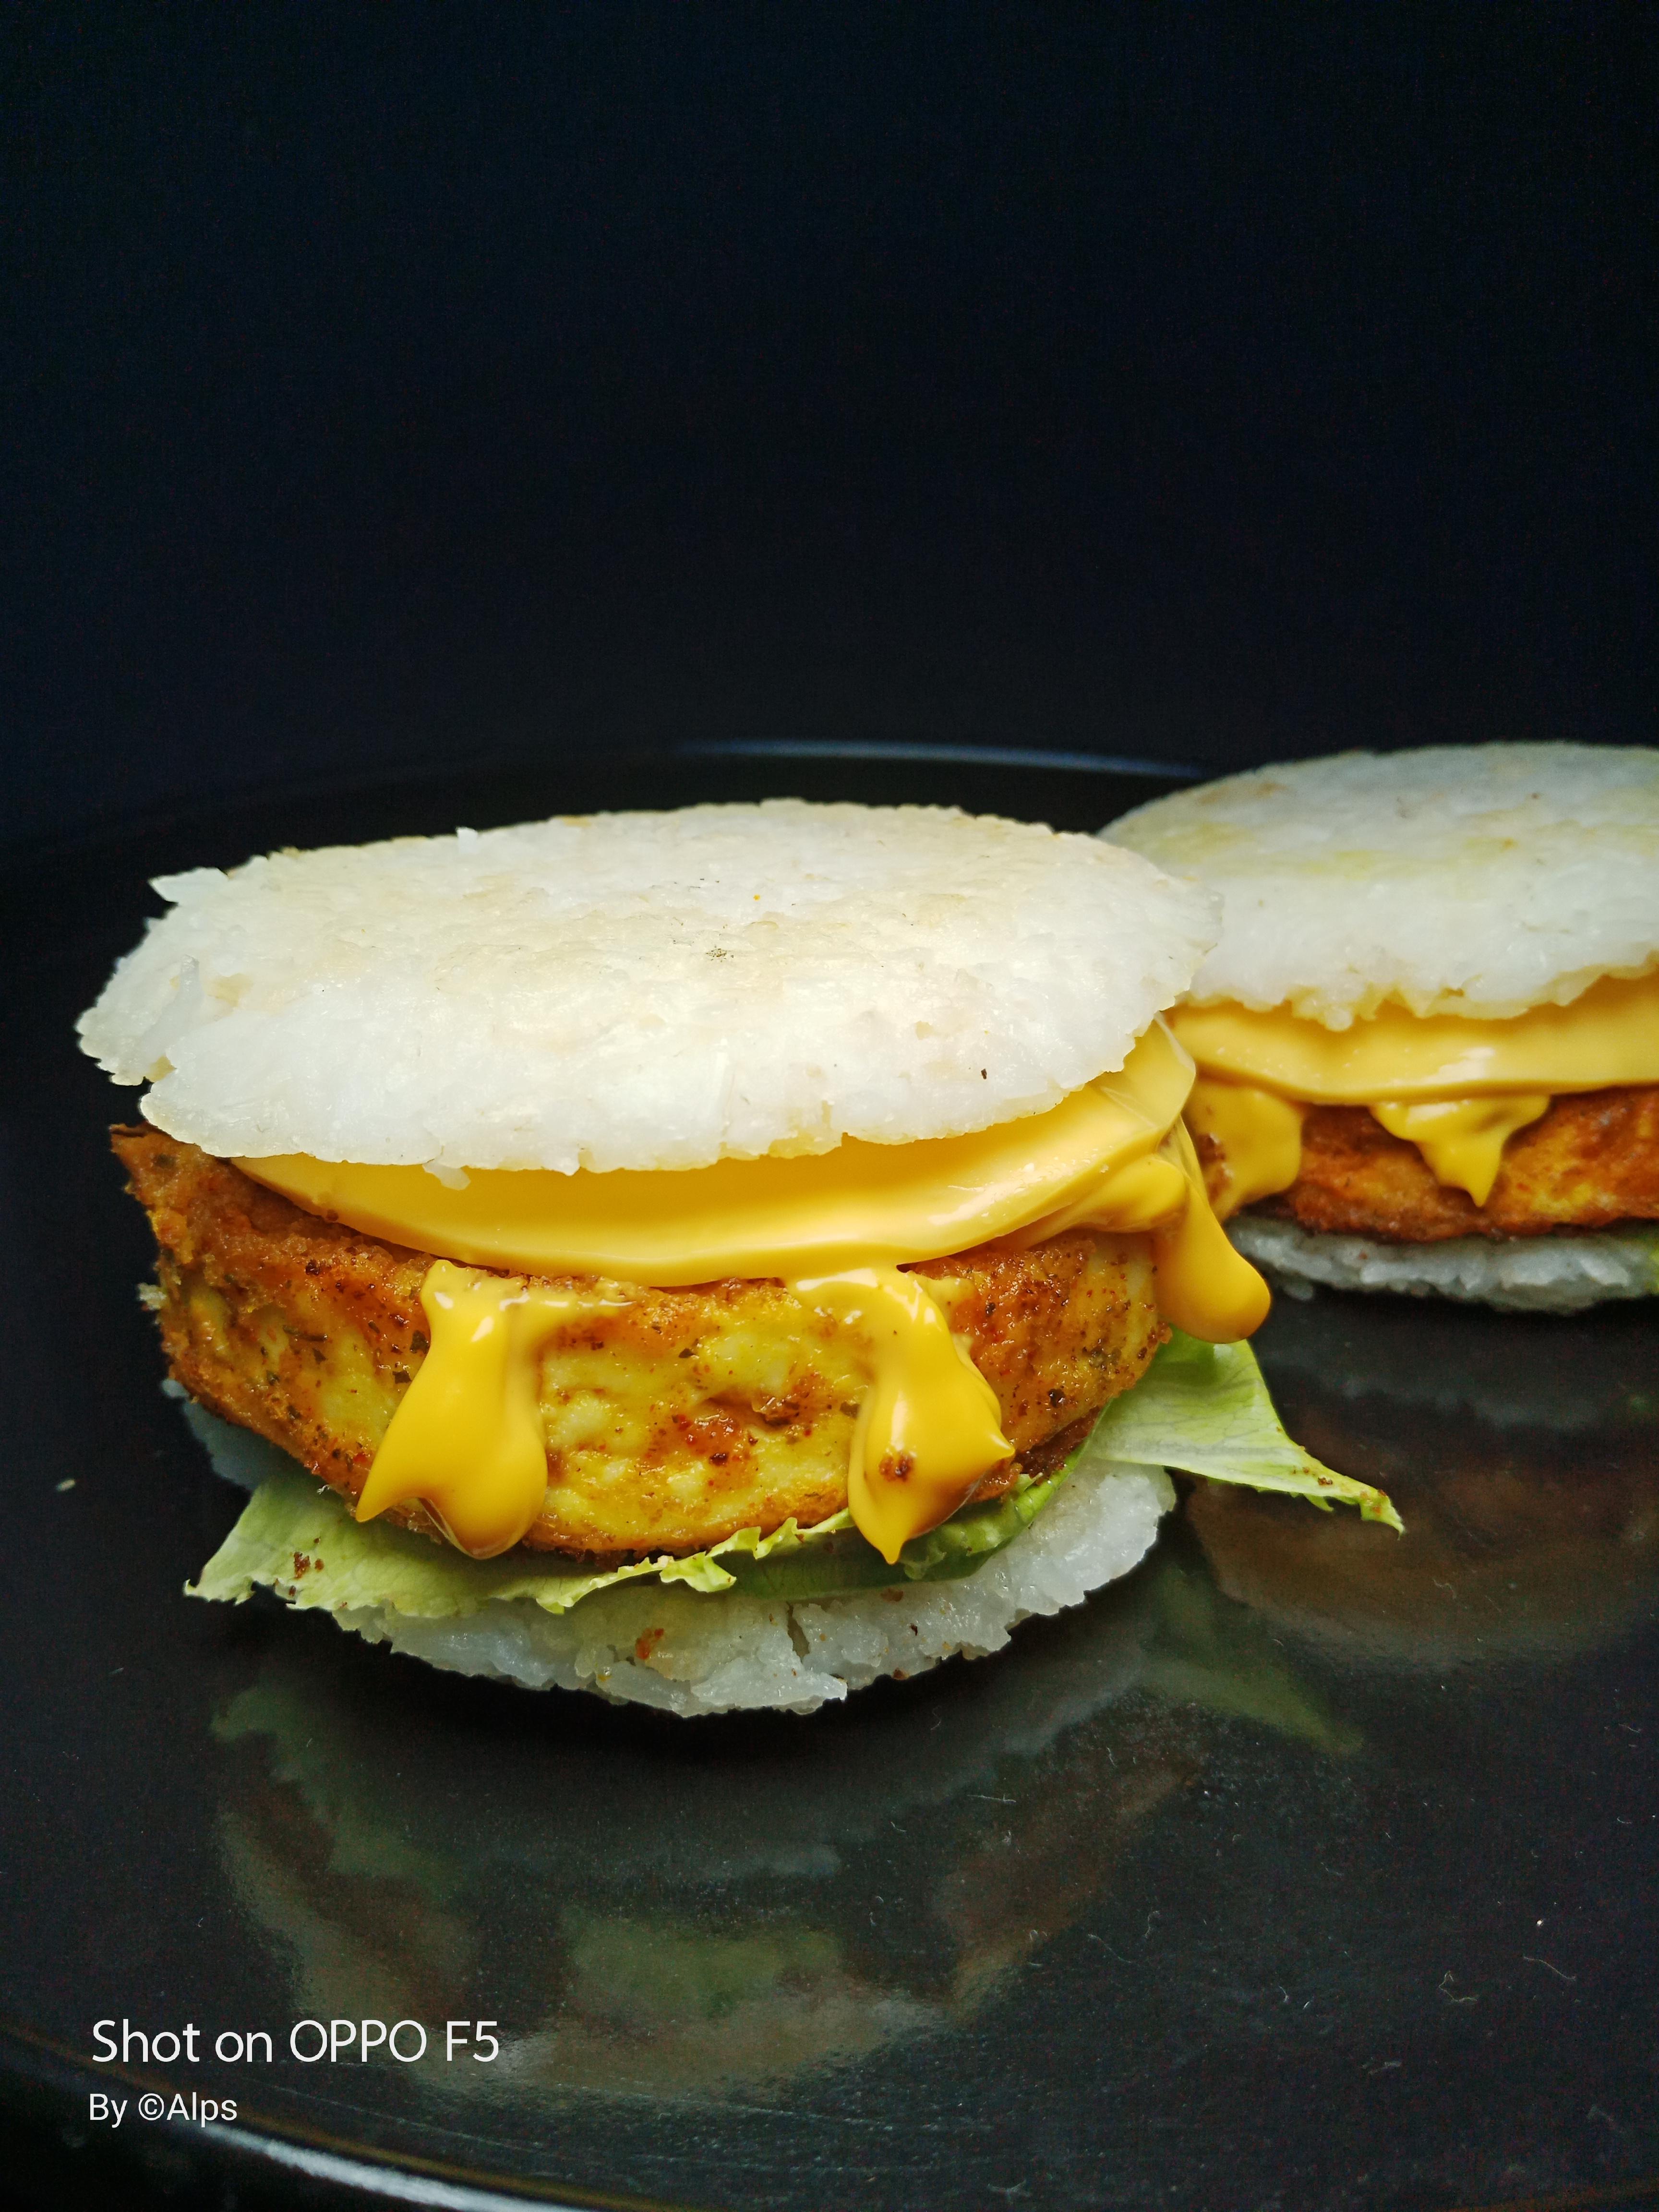 #Riceburger#lowcalburger#dietburger